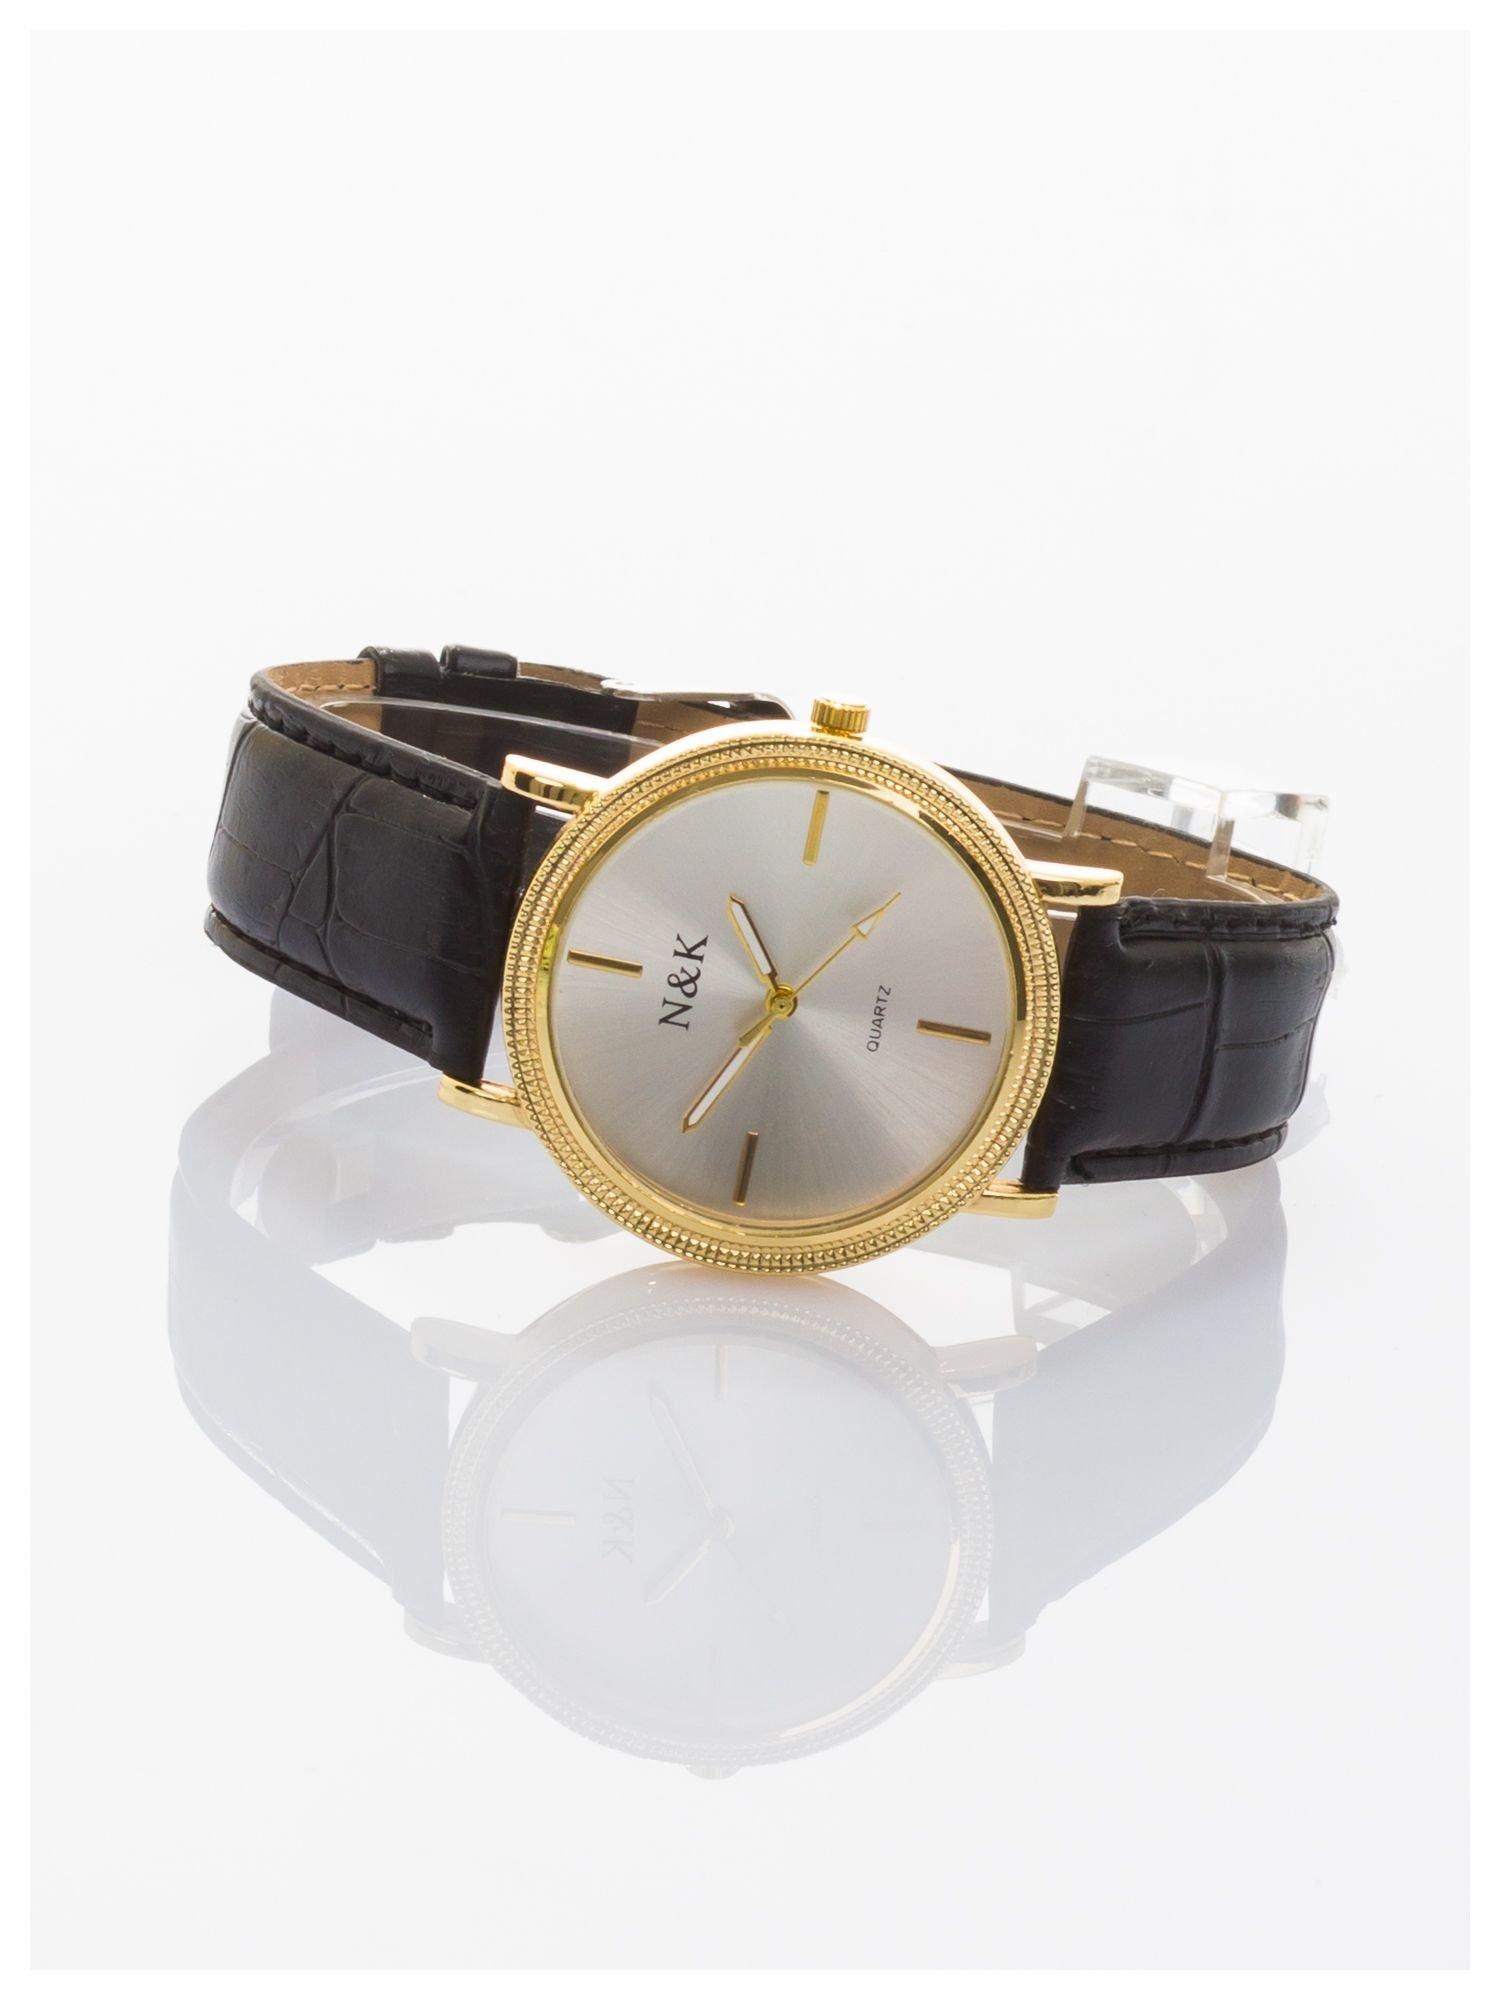 Klasyczny damski zegarek z elegancką i czytelną tarczą. Czarny skórzany pasek. Ozdobna koperta                                  zdj.                                  2